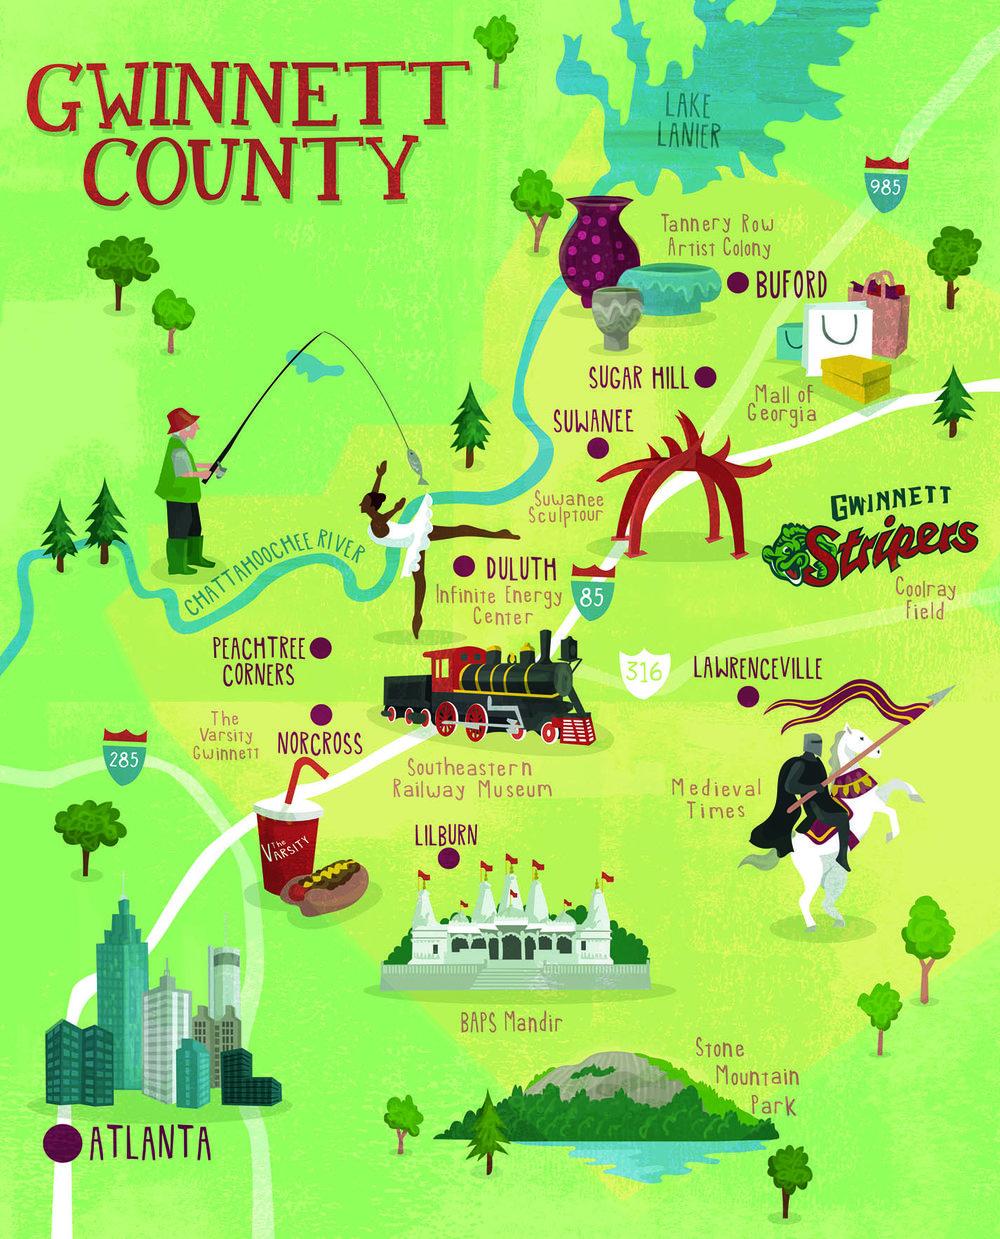 gwinnett_map.jpg